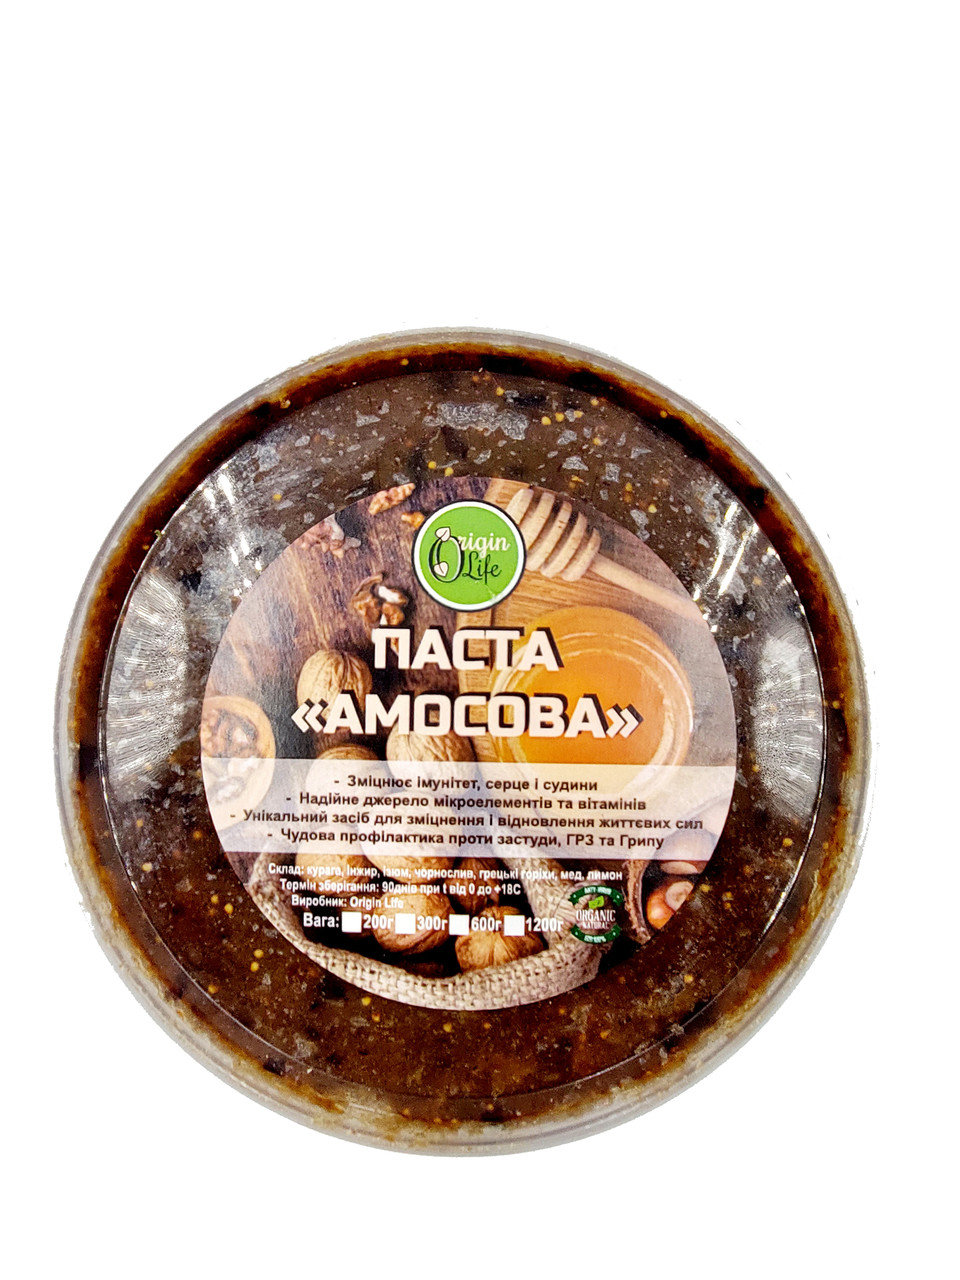 Паста Амосова 300г натуральная витаминная смесь из сухофруктов, орехов и меда